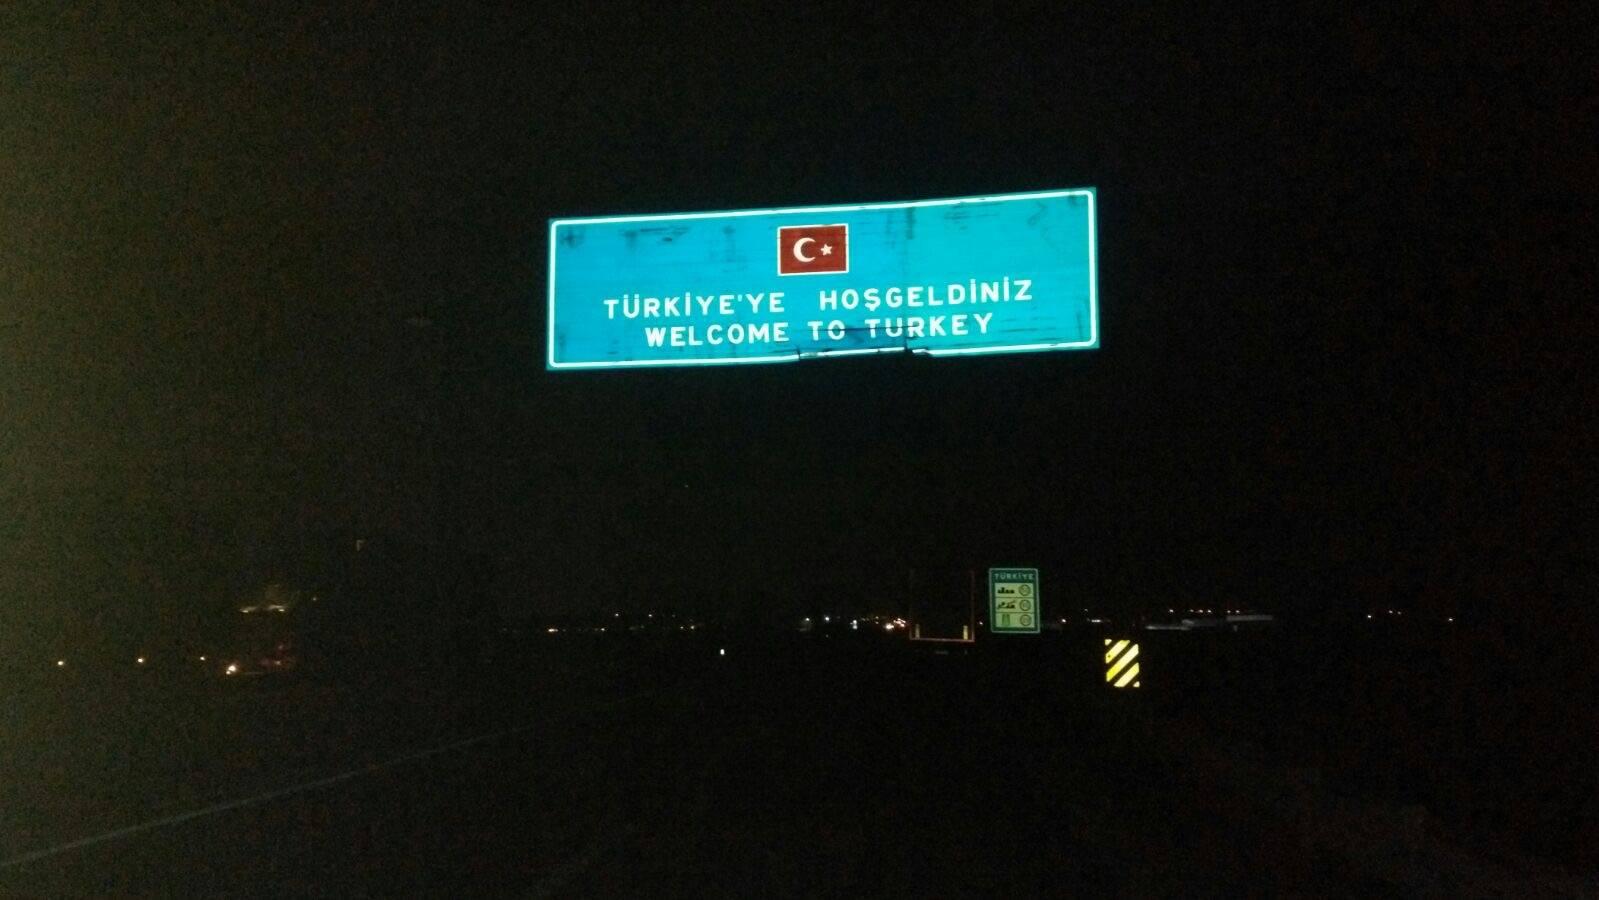 Etapa 31 Perle entrando en Turquia10 - Perlé entrando en Turquía,el continente asiático se presenta ante nuestro caballero